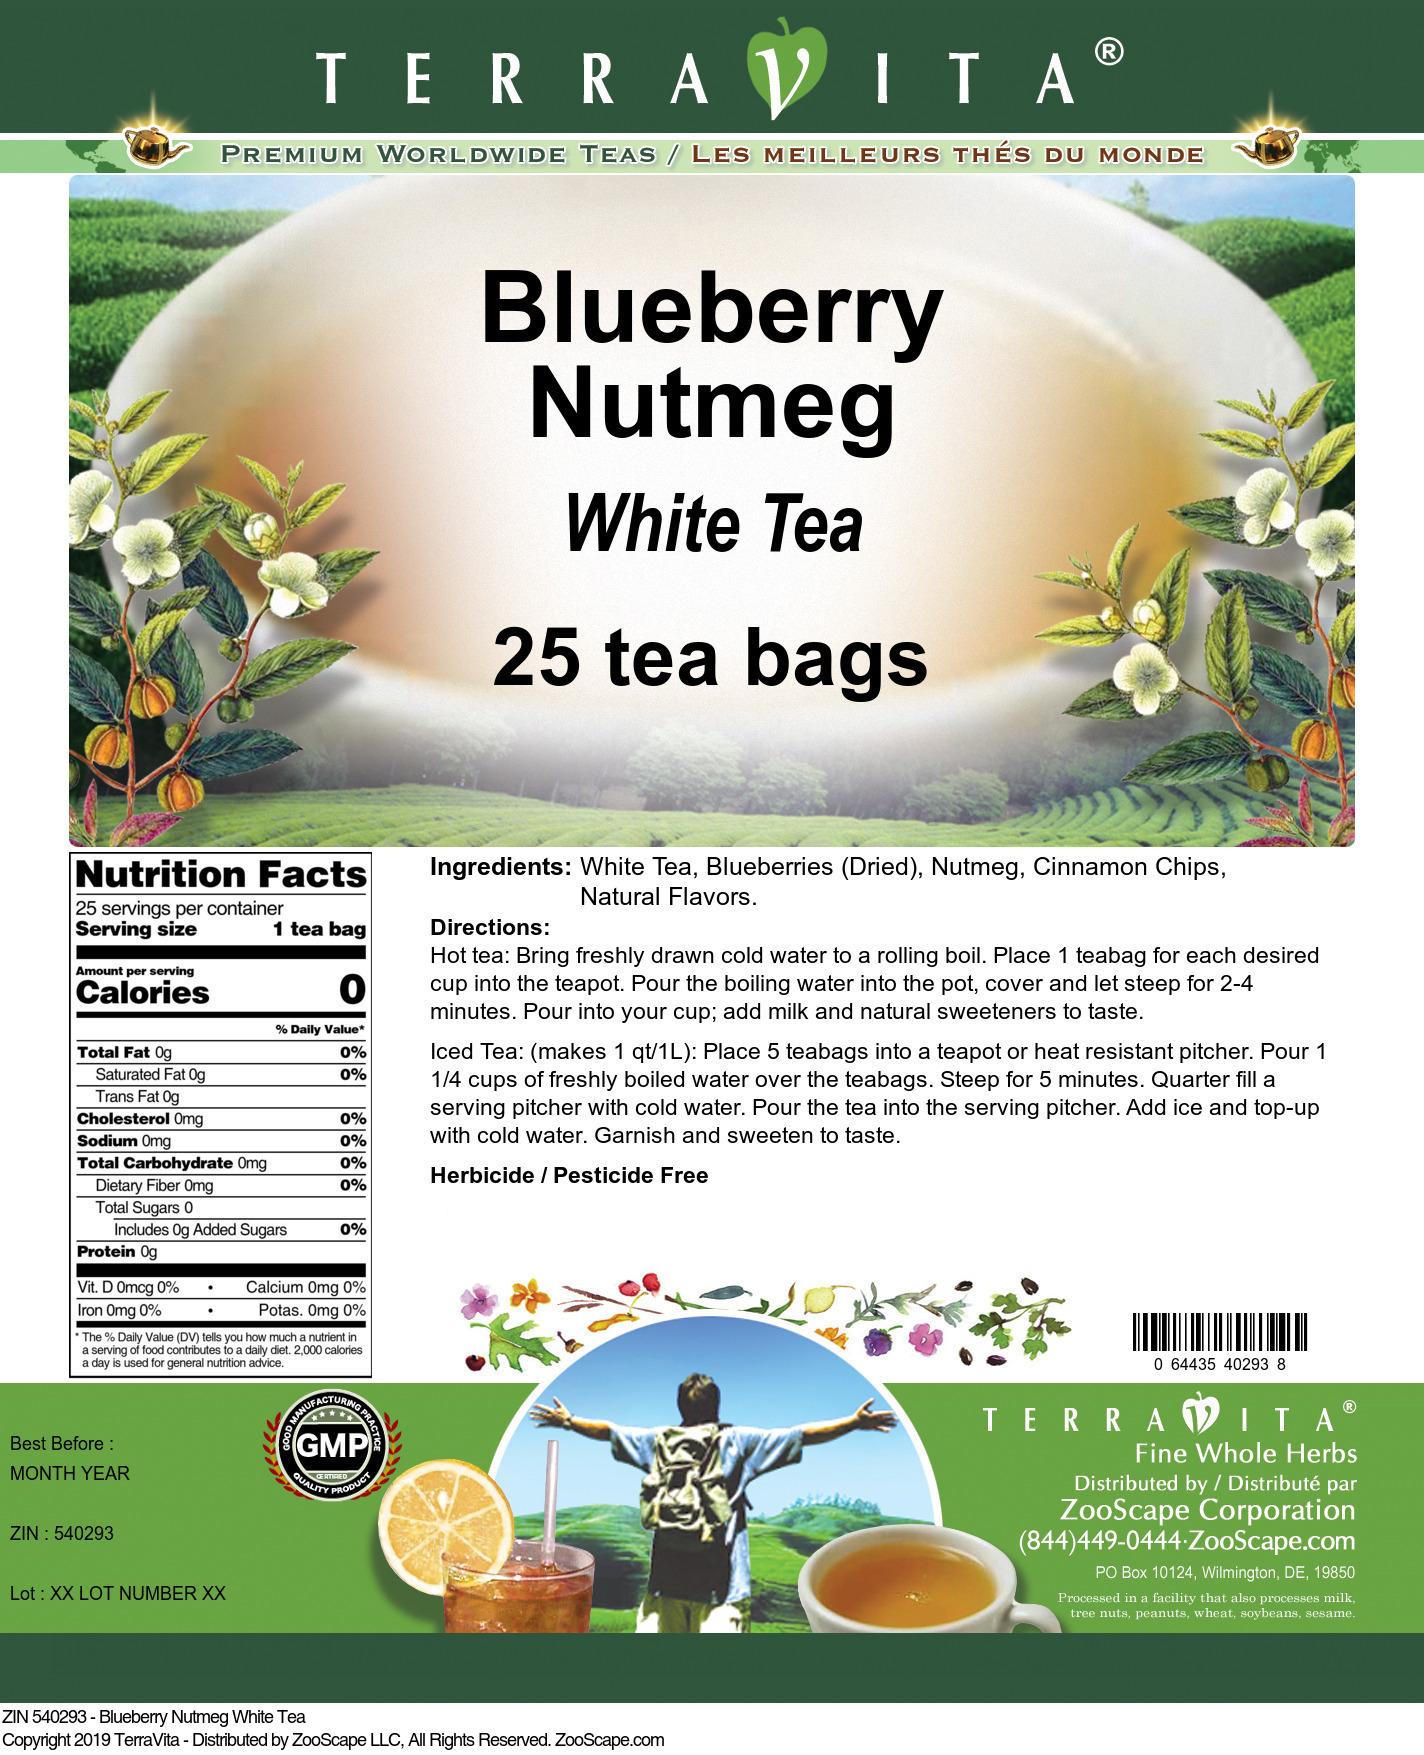 Blueberry Nutmeg White Tea